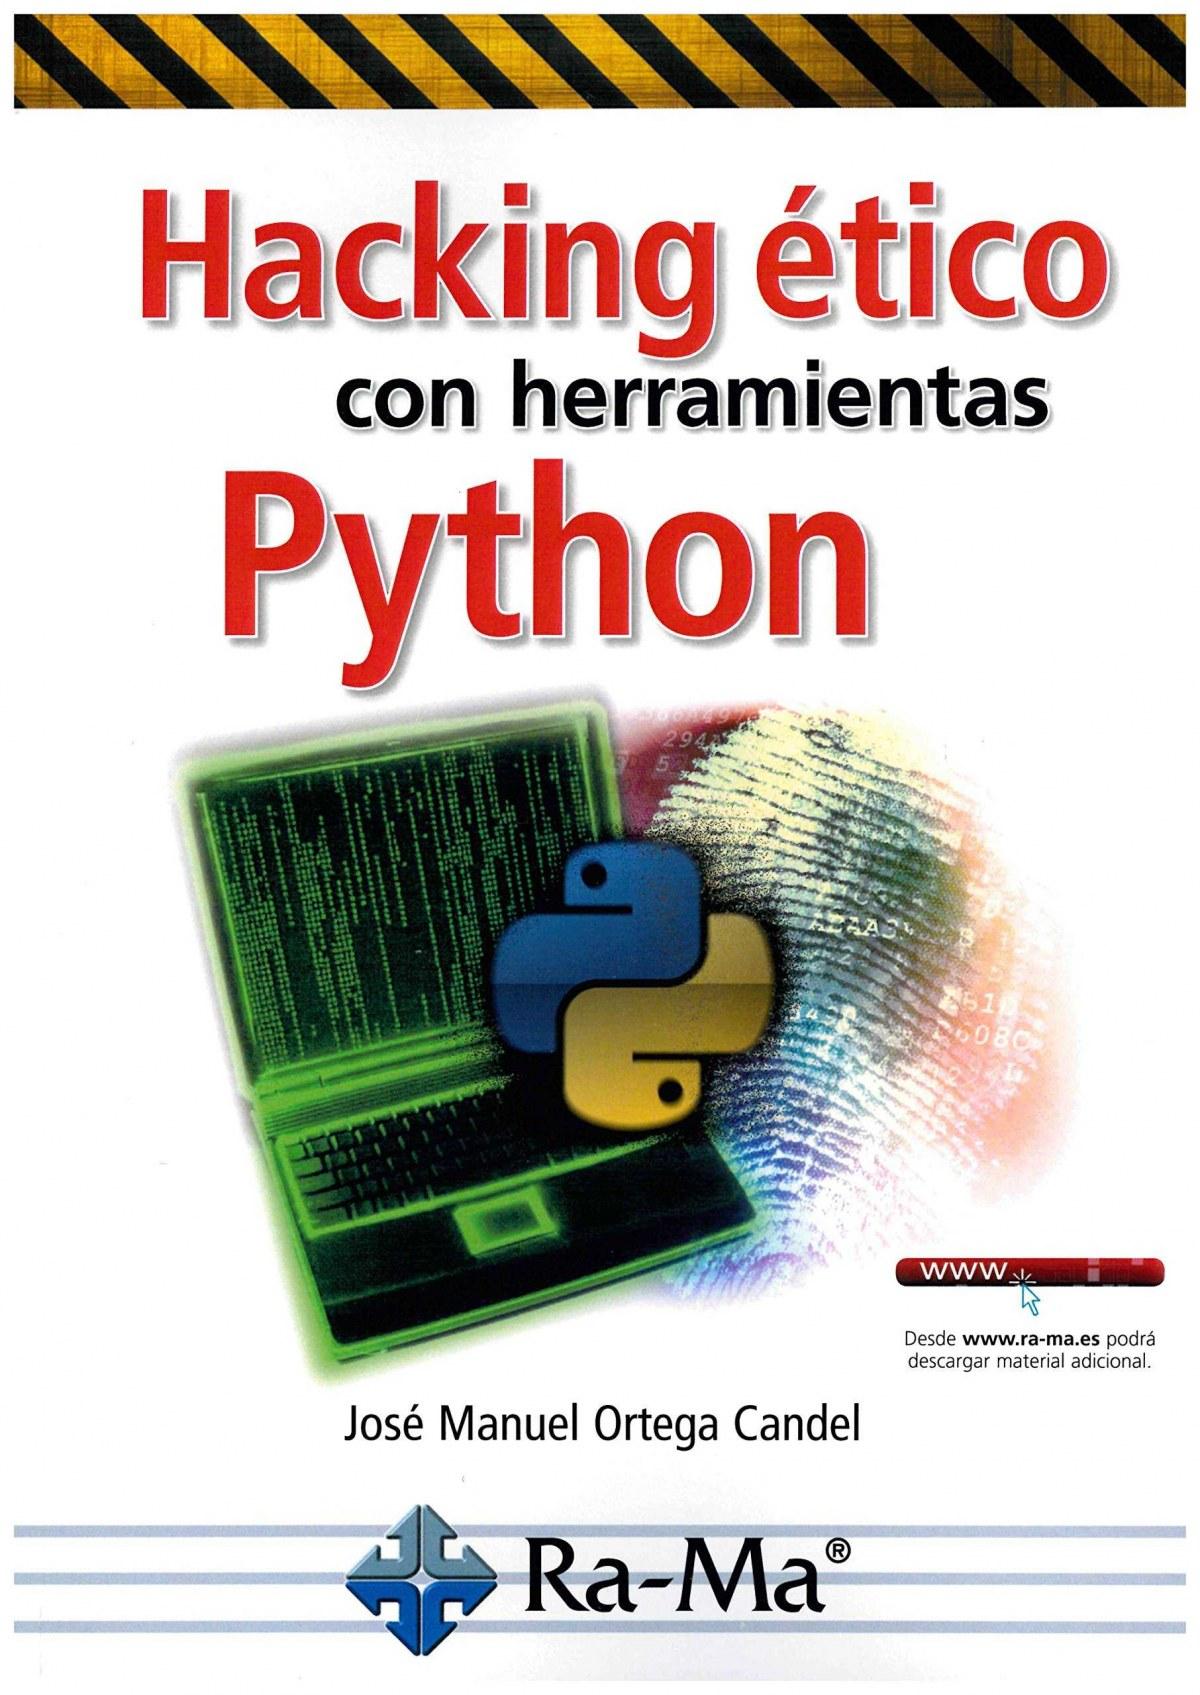 HACKING ÉTICO CON HERRAMIENTAS PYTHON 9788499647319